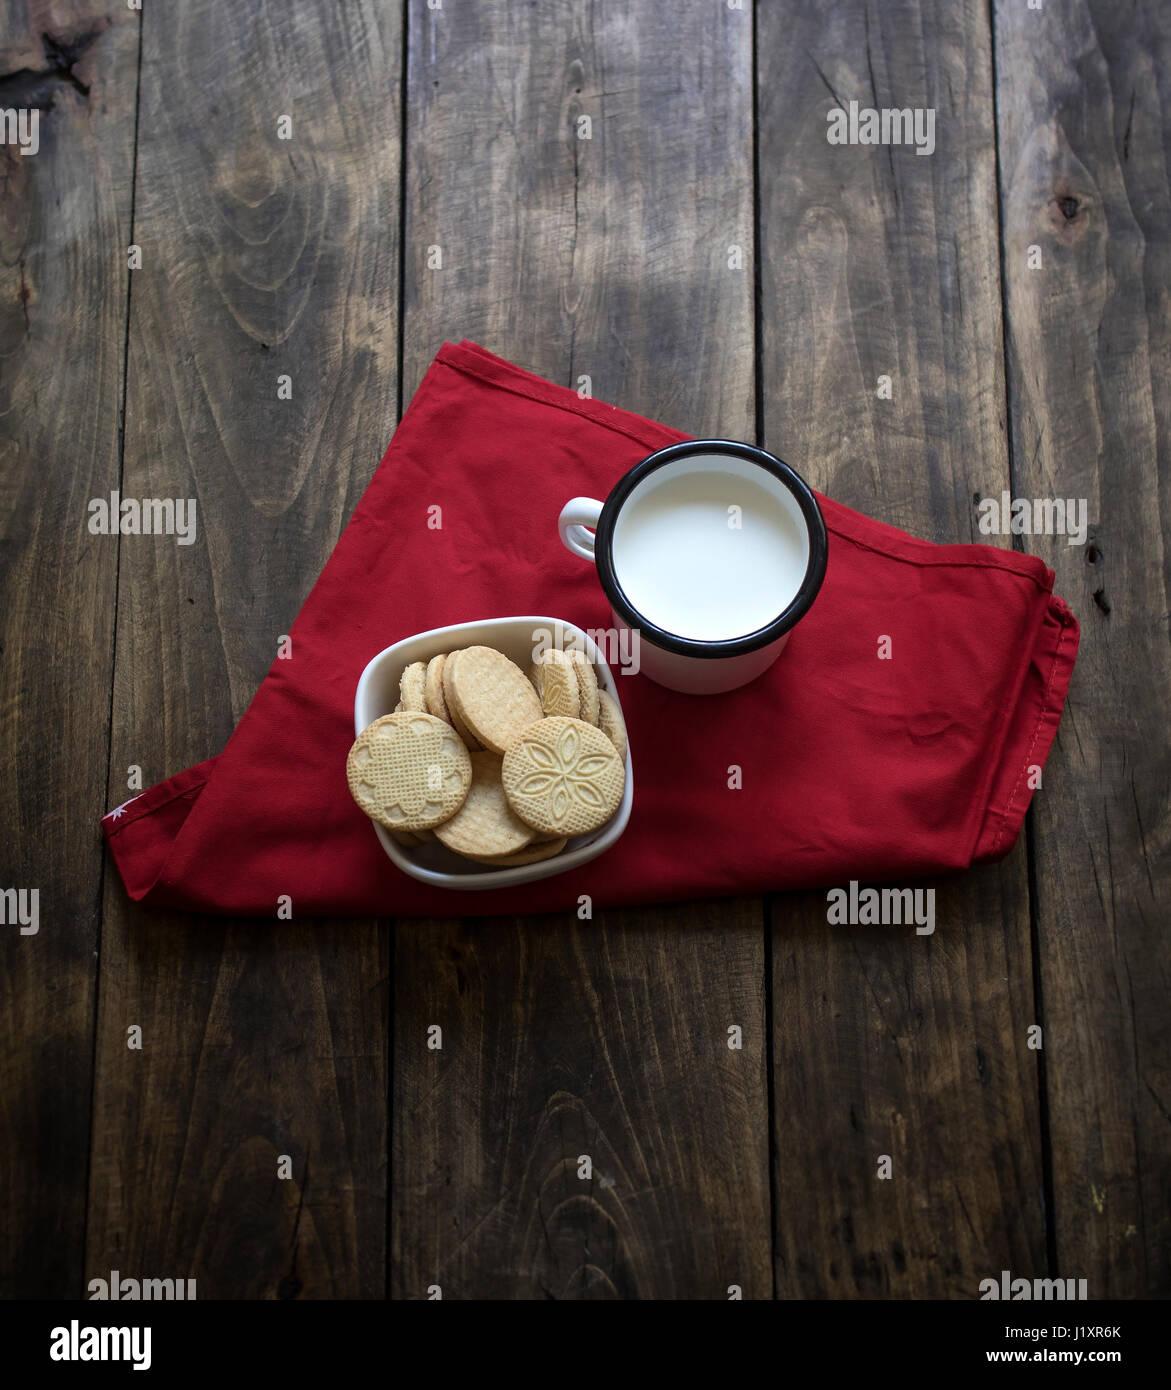 Orgánico, azúcar sin gluten galletas con leche, desde arriba Imagen De Stock